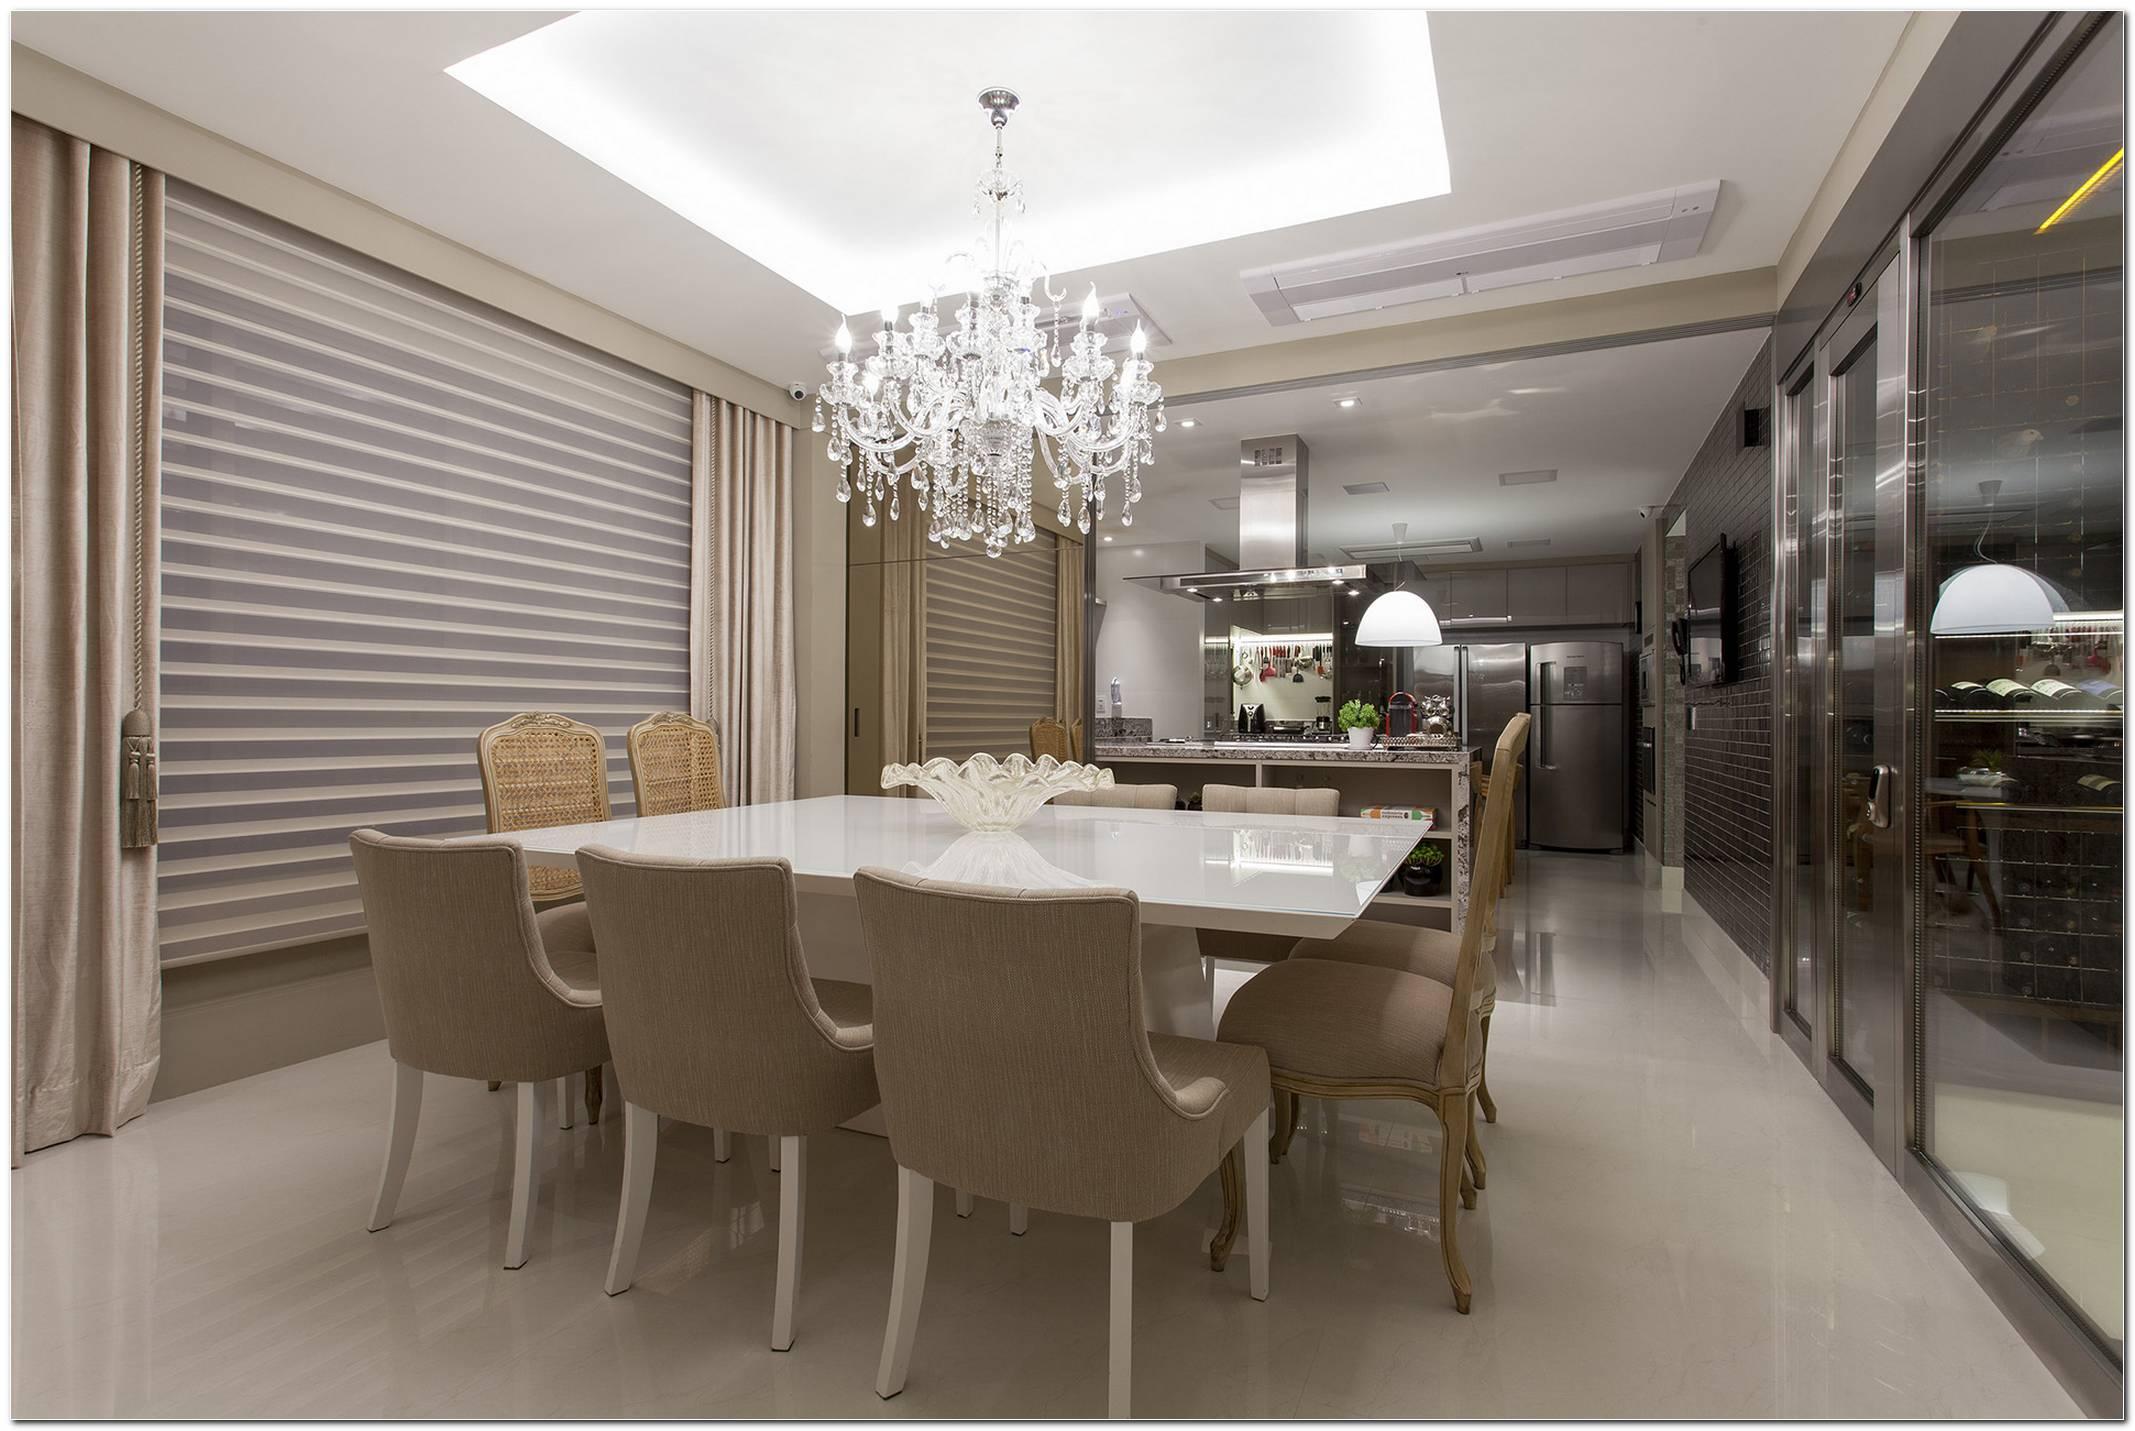 Fotos De Sala De Jantar Integrada Com Cozinha